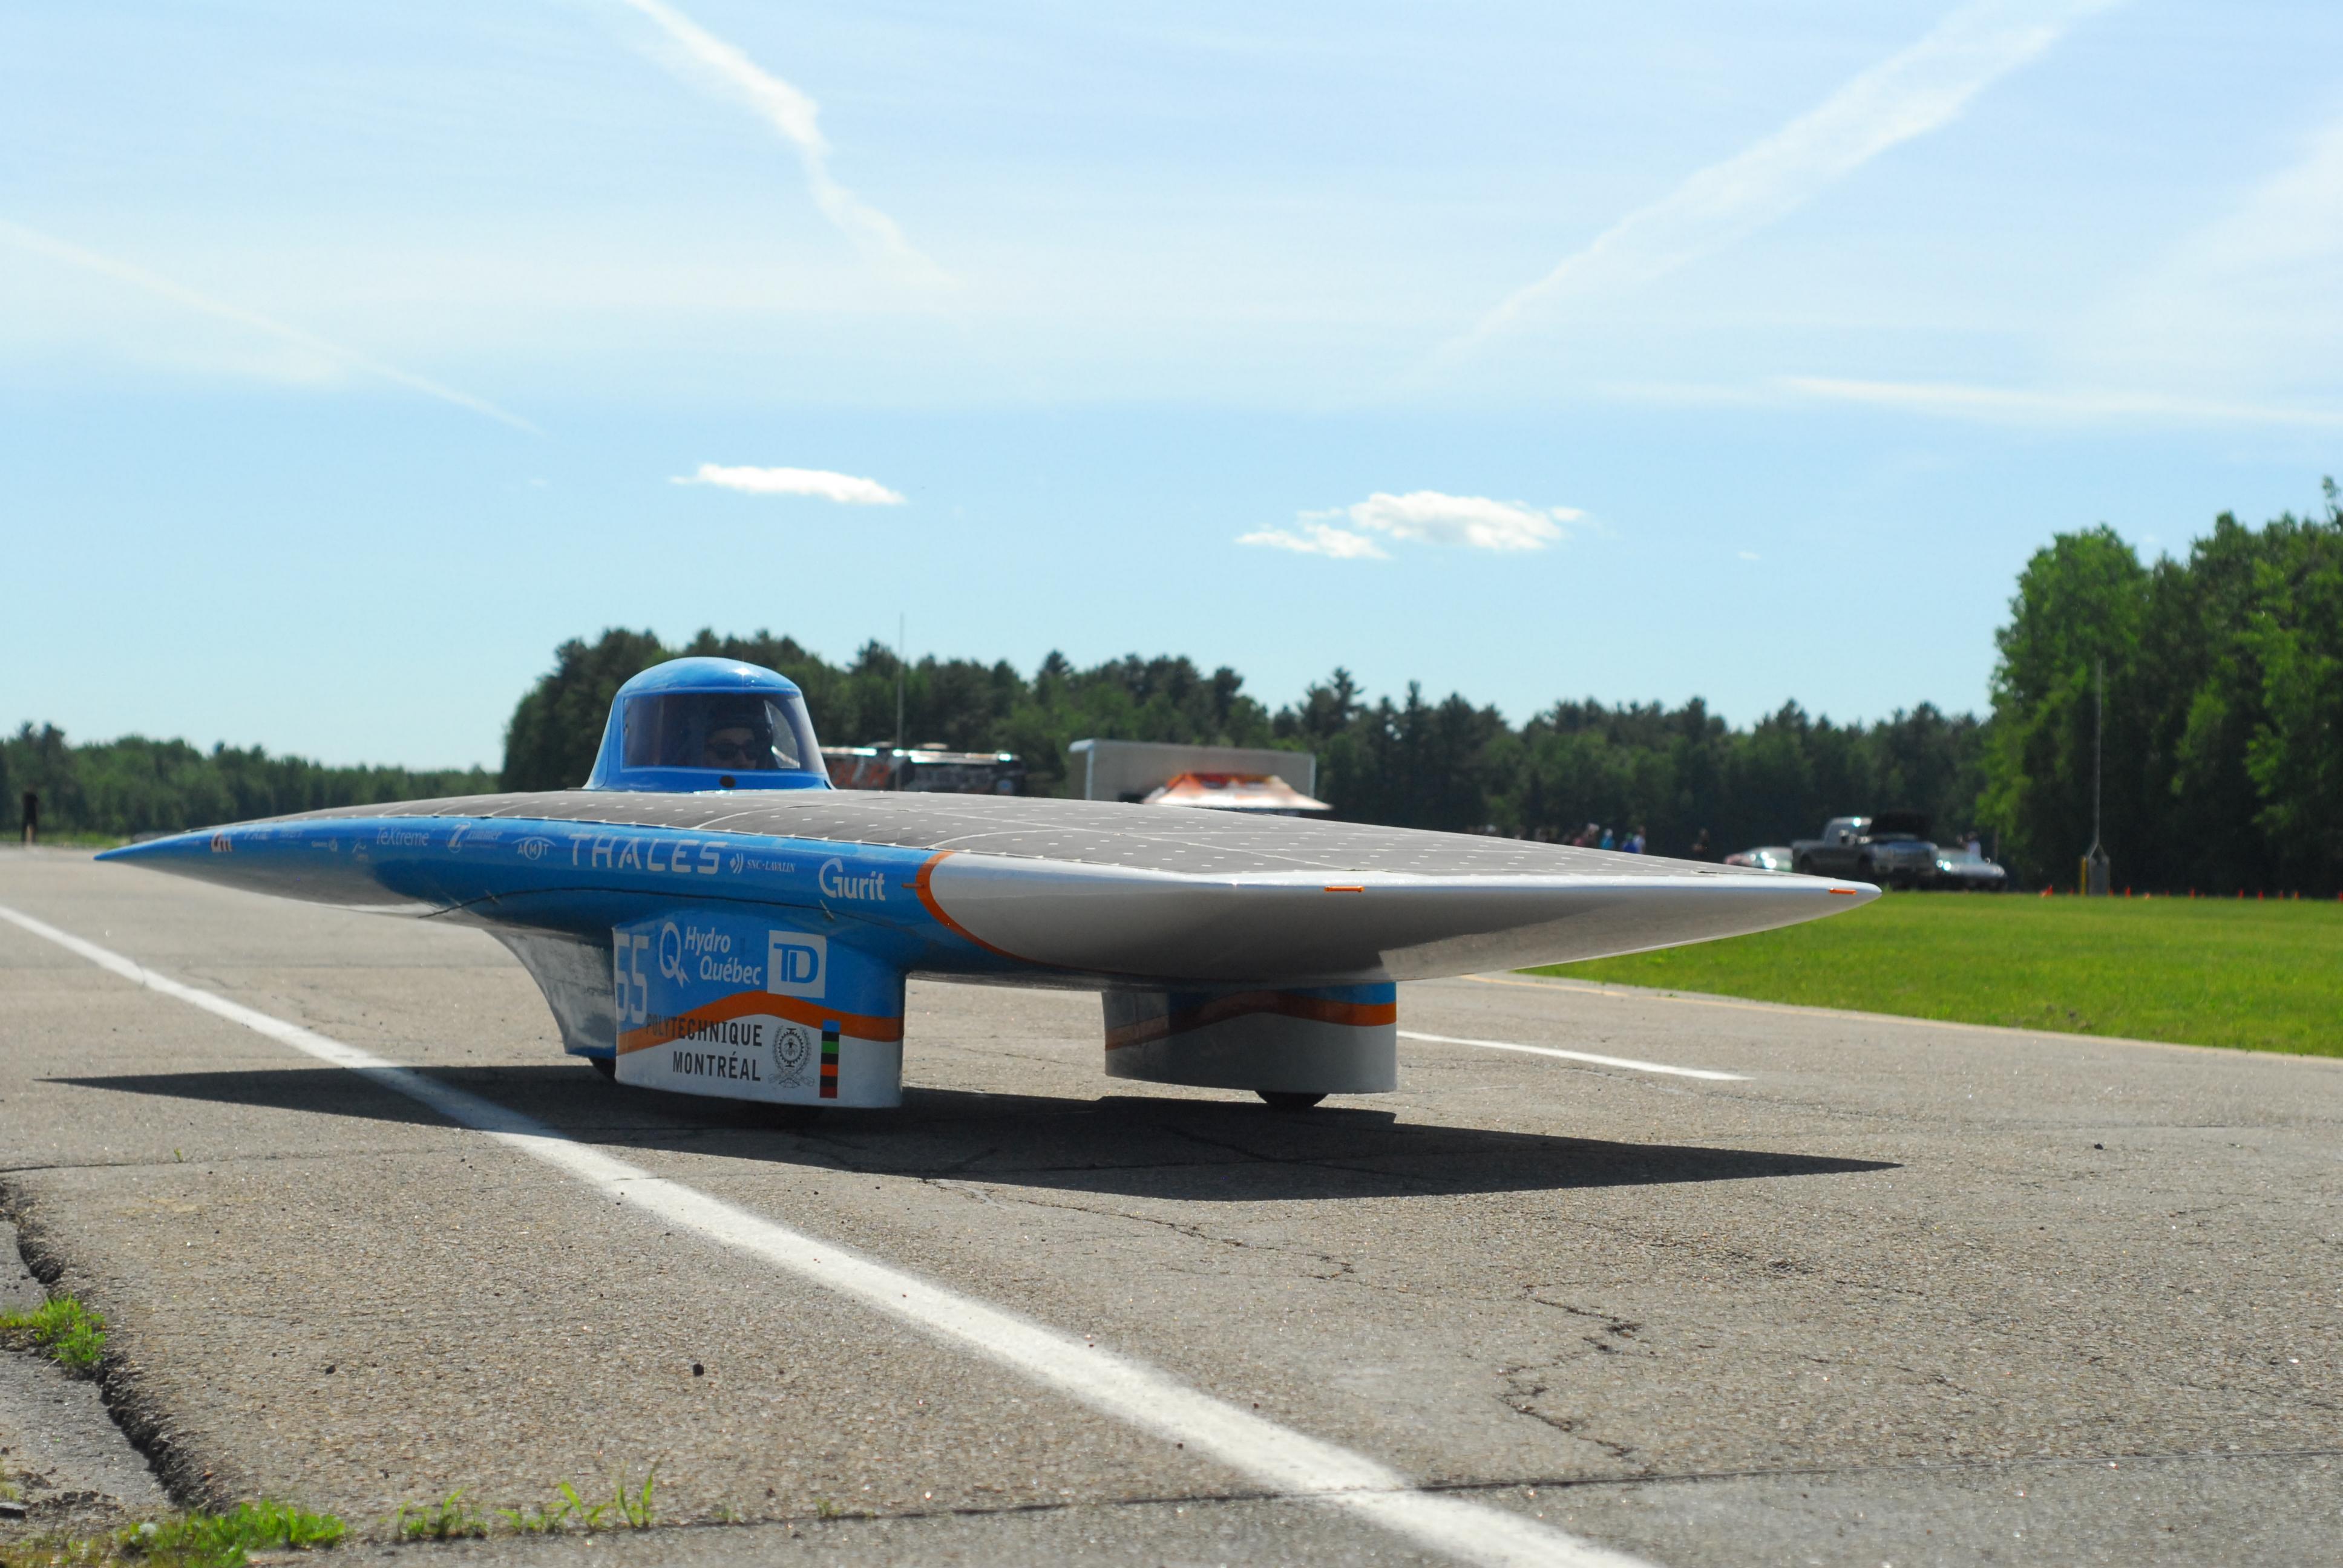 Les derniers essais de la voiture solaire Esteban VII avant son départ pour l'American Solar Challenge 2014